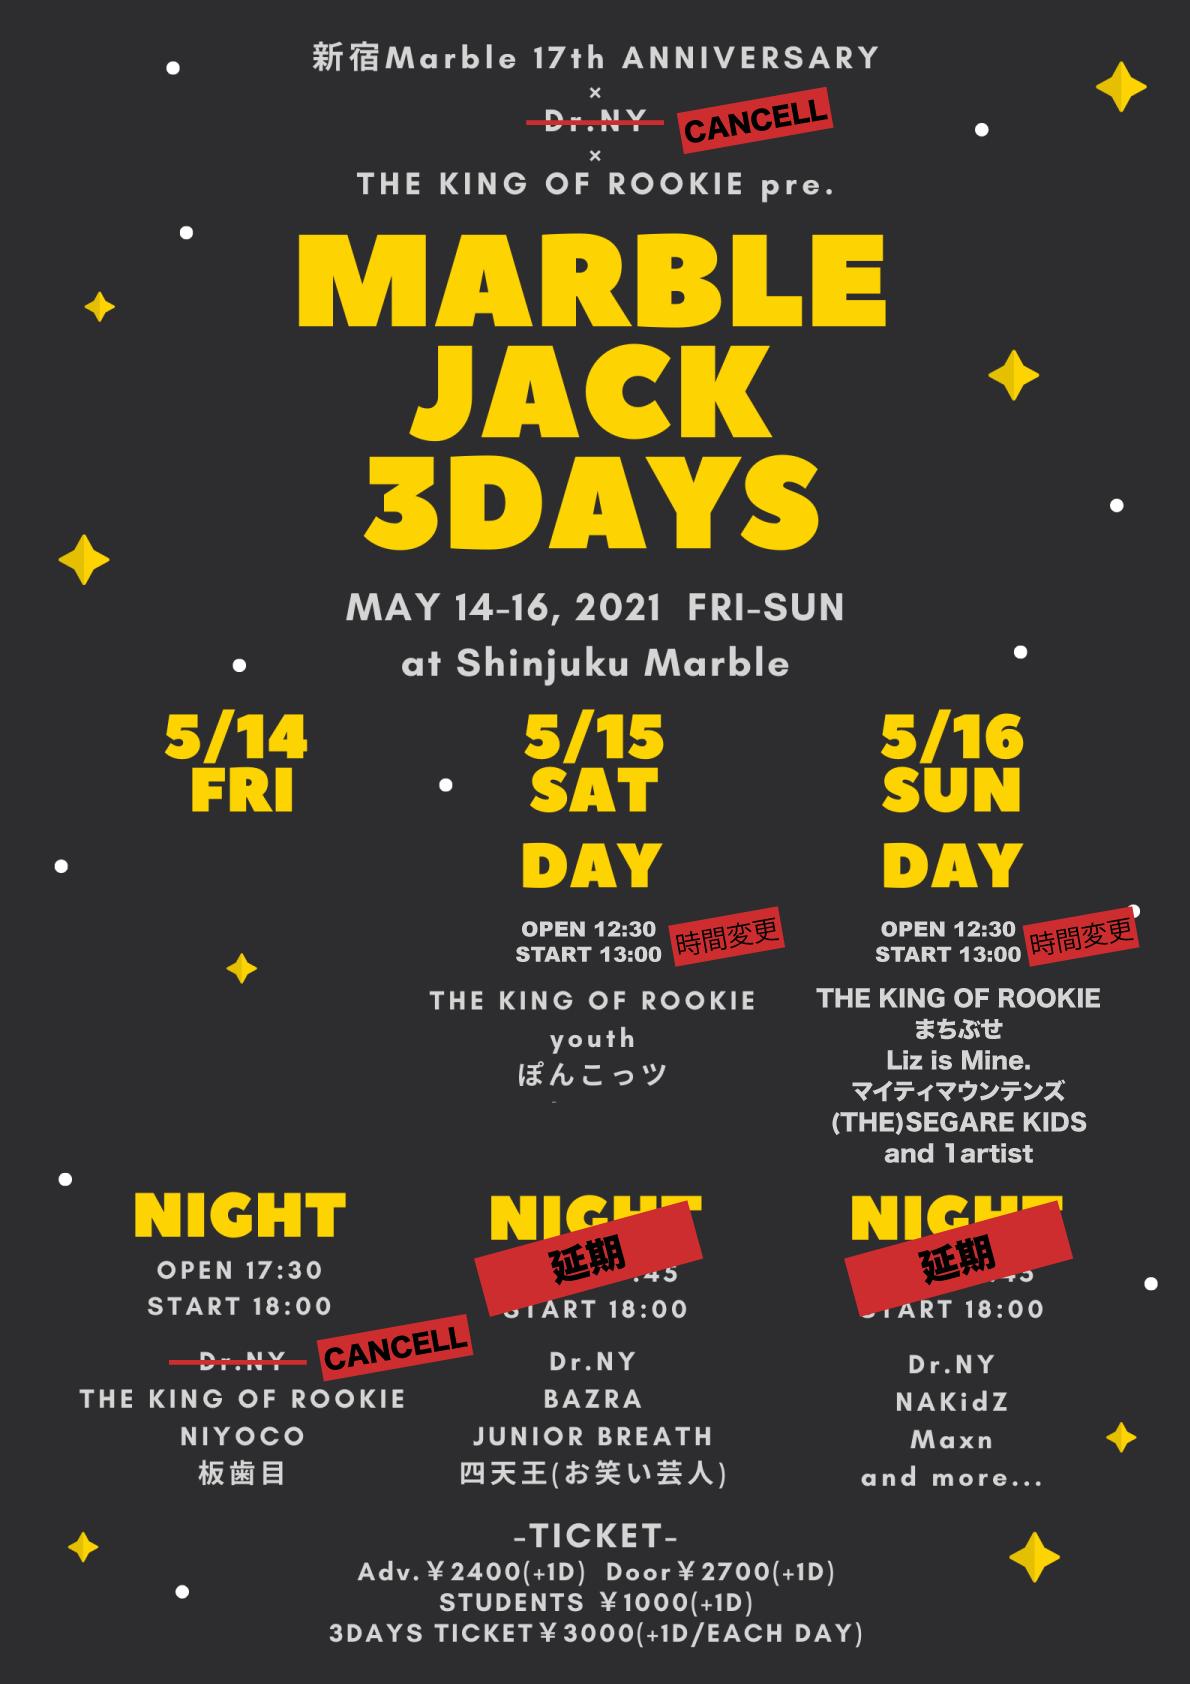 新宿Marble 17th ANNIVERSARY×THE KING OF ROOKIE pre.「MARBLE JACK 3DAYS」-DAY1-